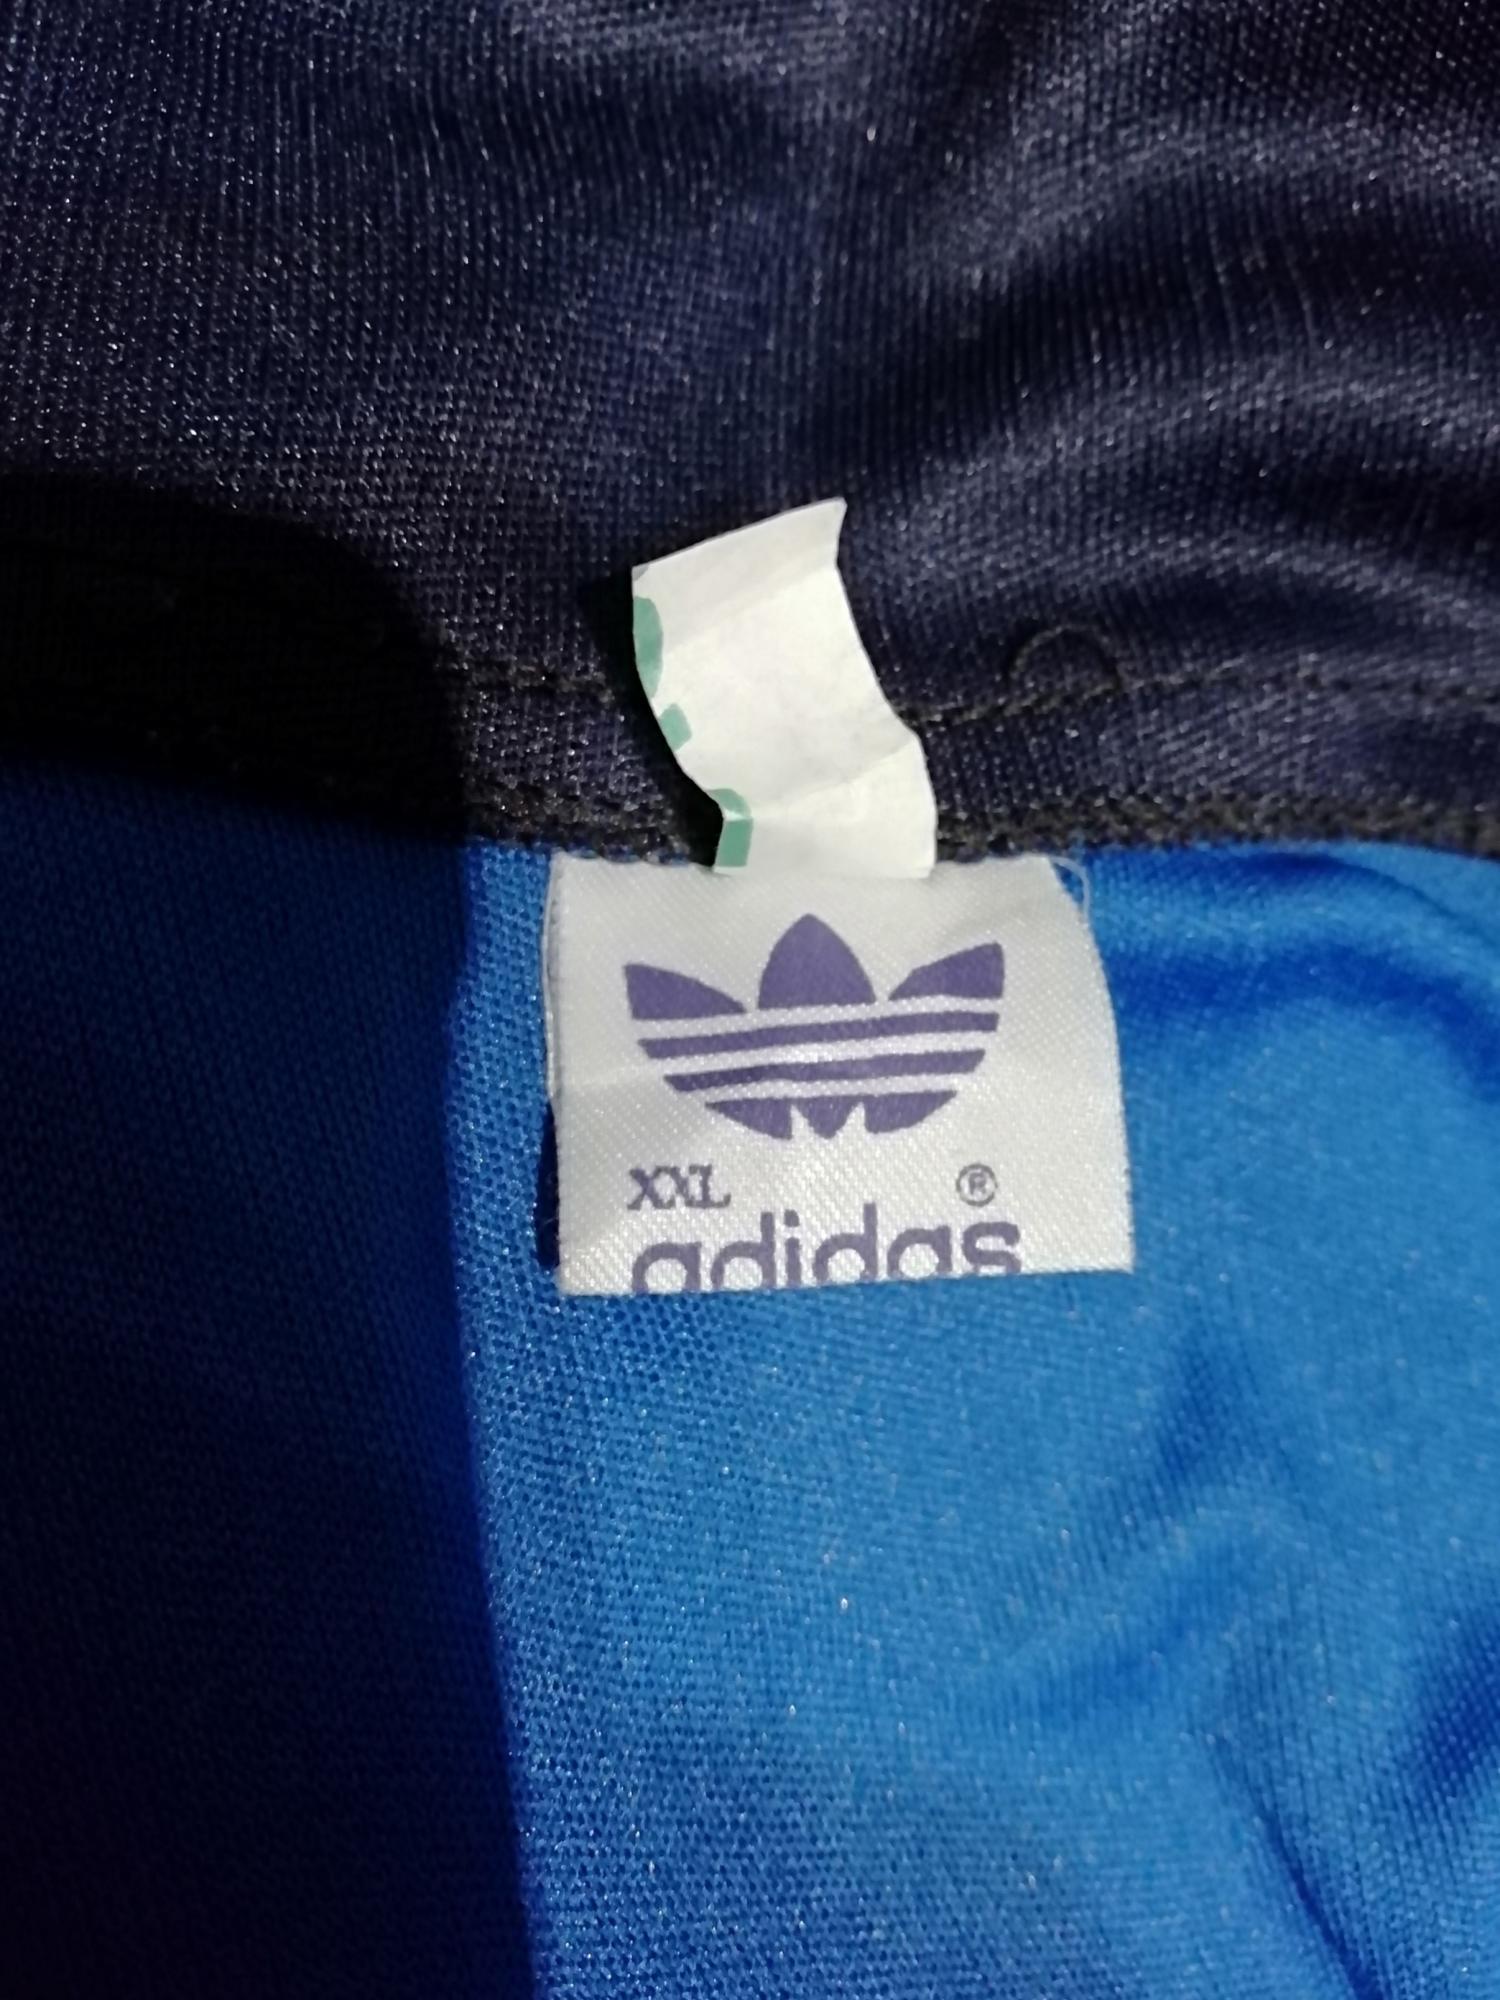 НОВЫЙ Спортивный костюм Adidas из СССР, размер XXL в Подольске купить 3